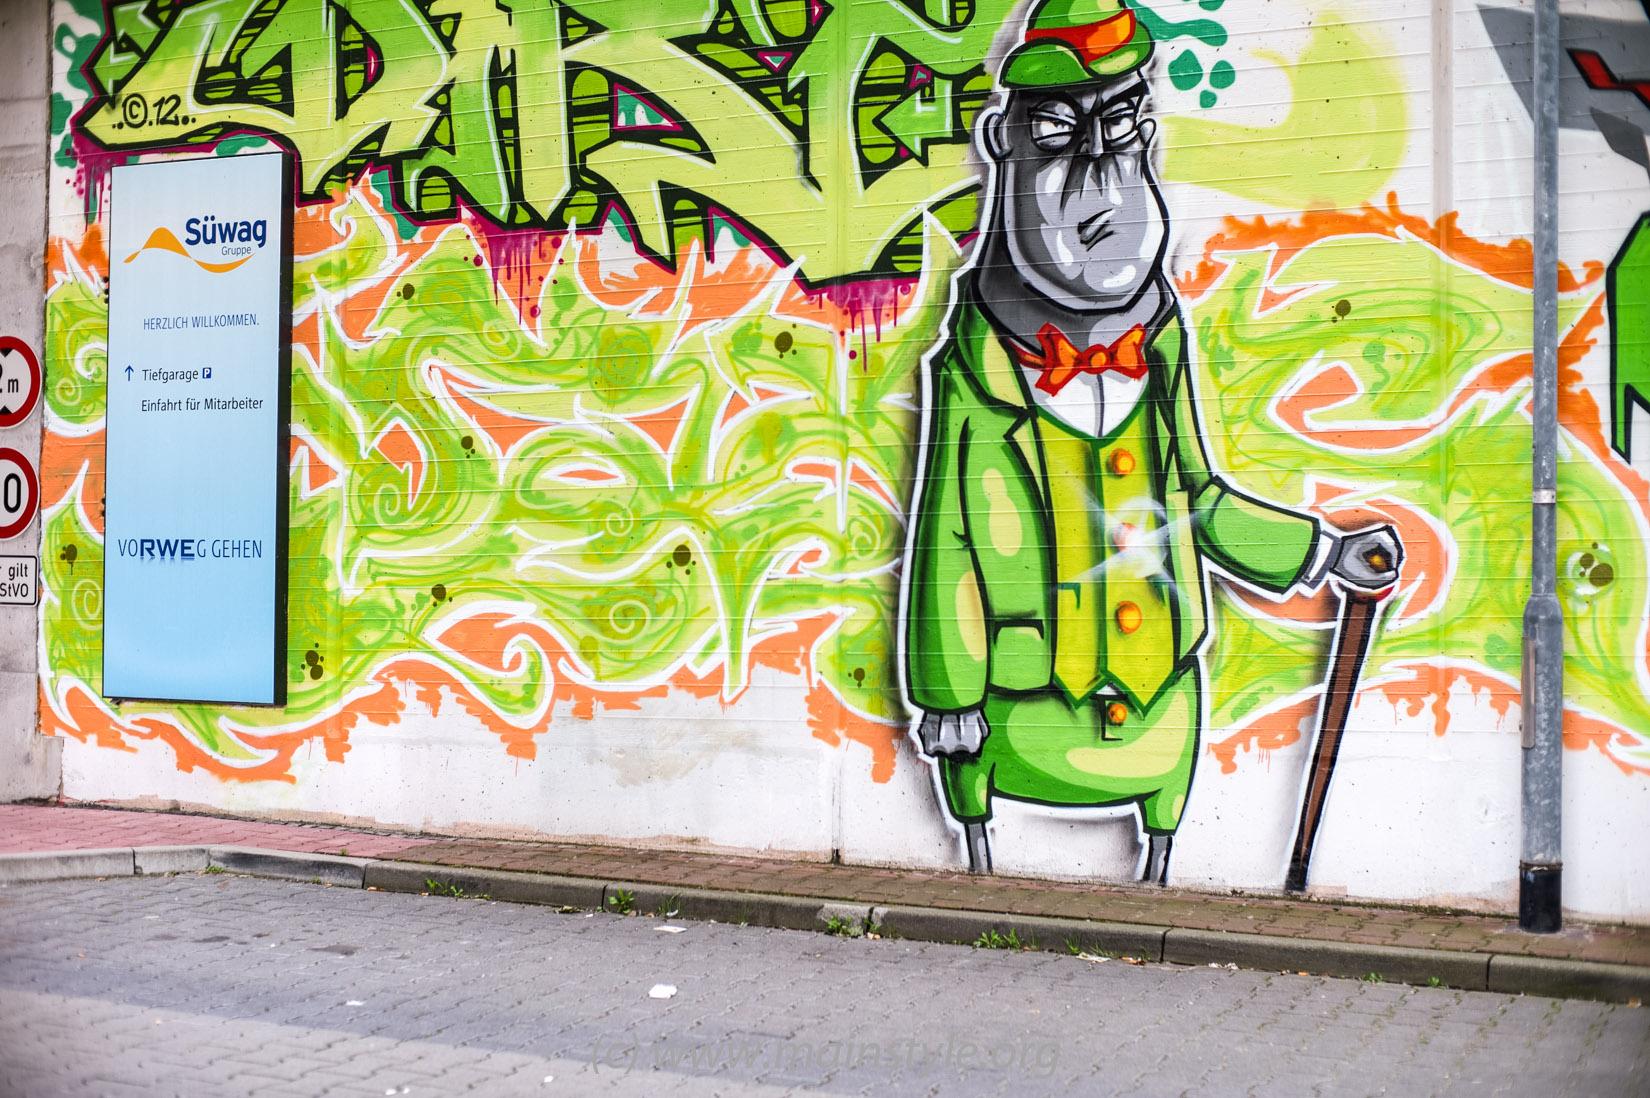 Frankfurt-Höchst_Graffiti_Süwag-Wall_2012 (18 von 35)